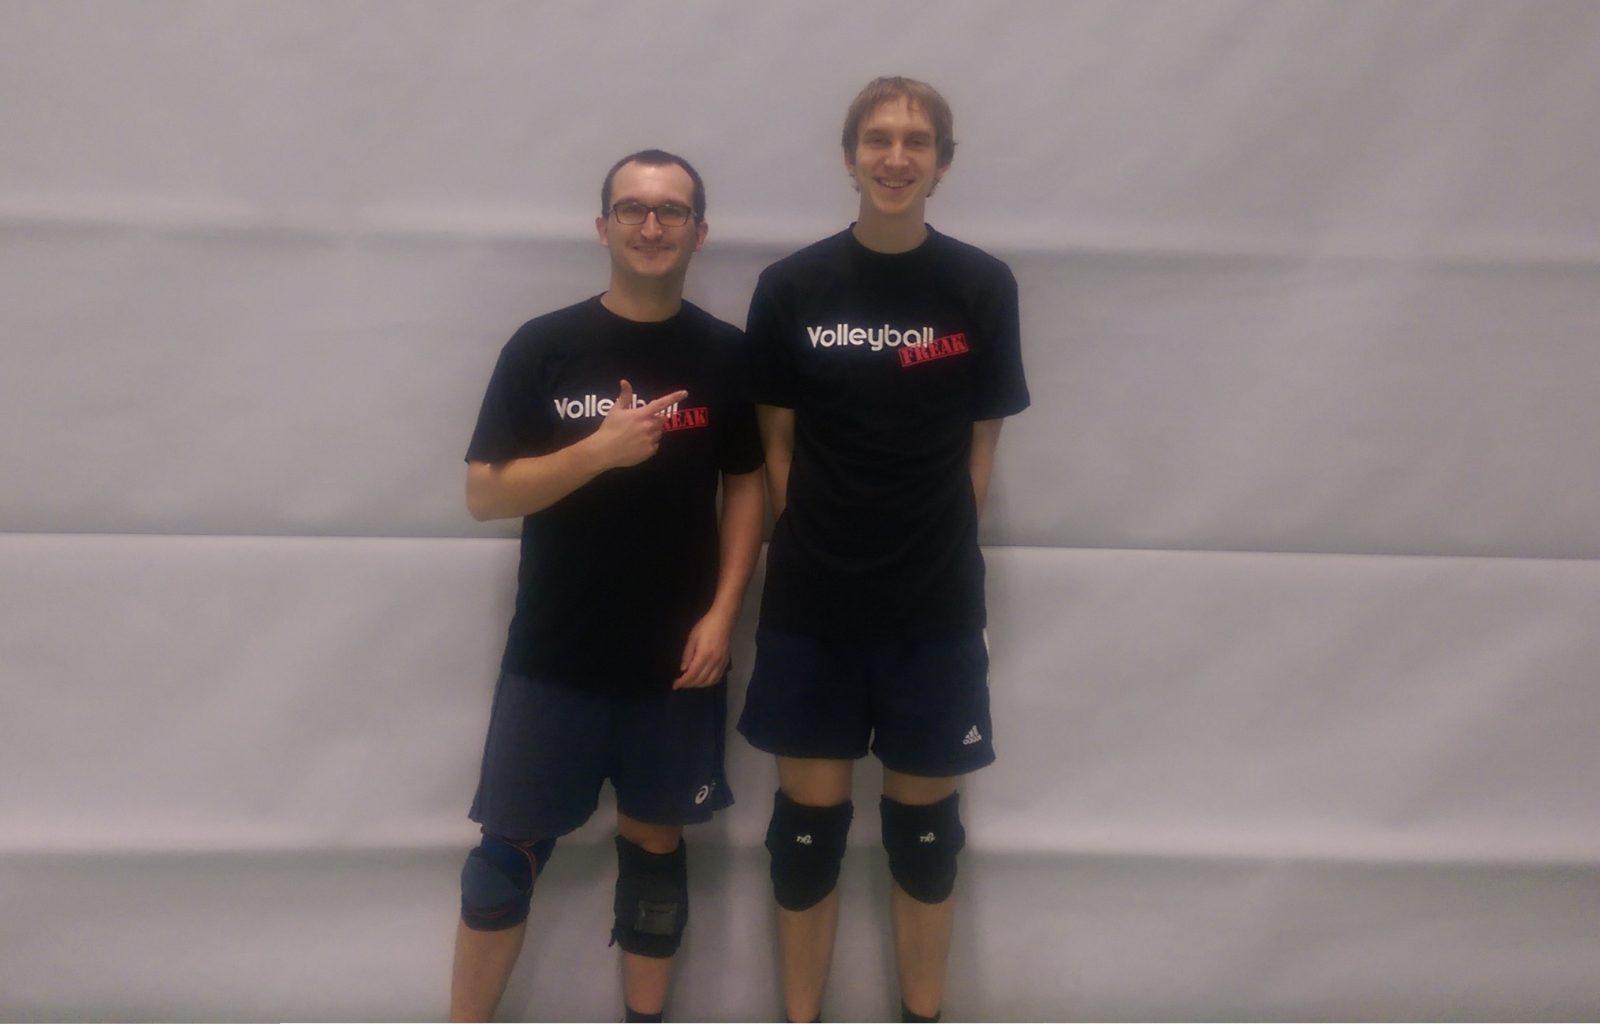 VolleyballFREAK interviewt Konstantin Wechsler